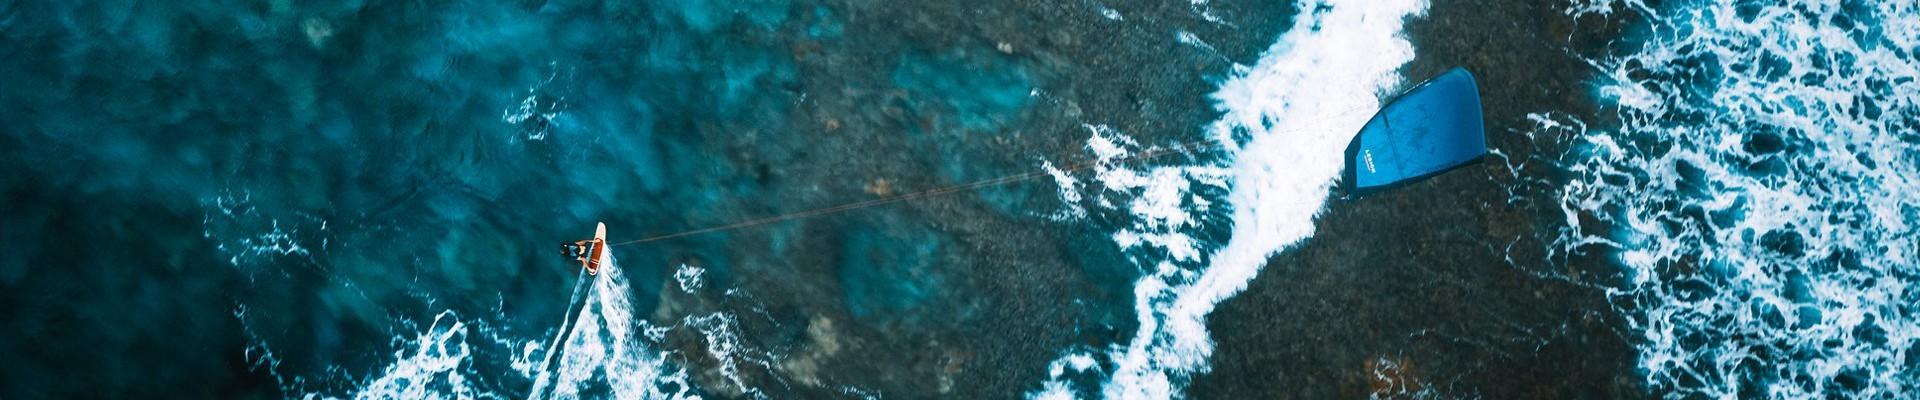 Kitesurf | Livraison gratuite dès 100€ d'achats